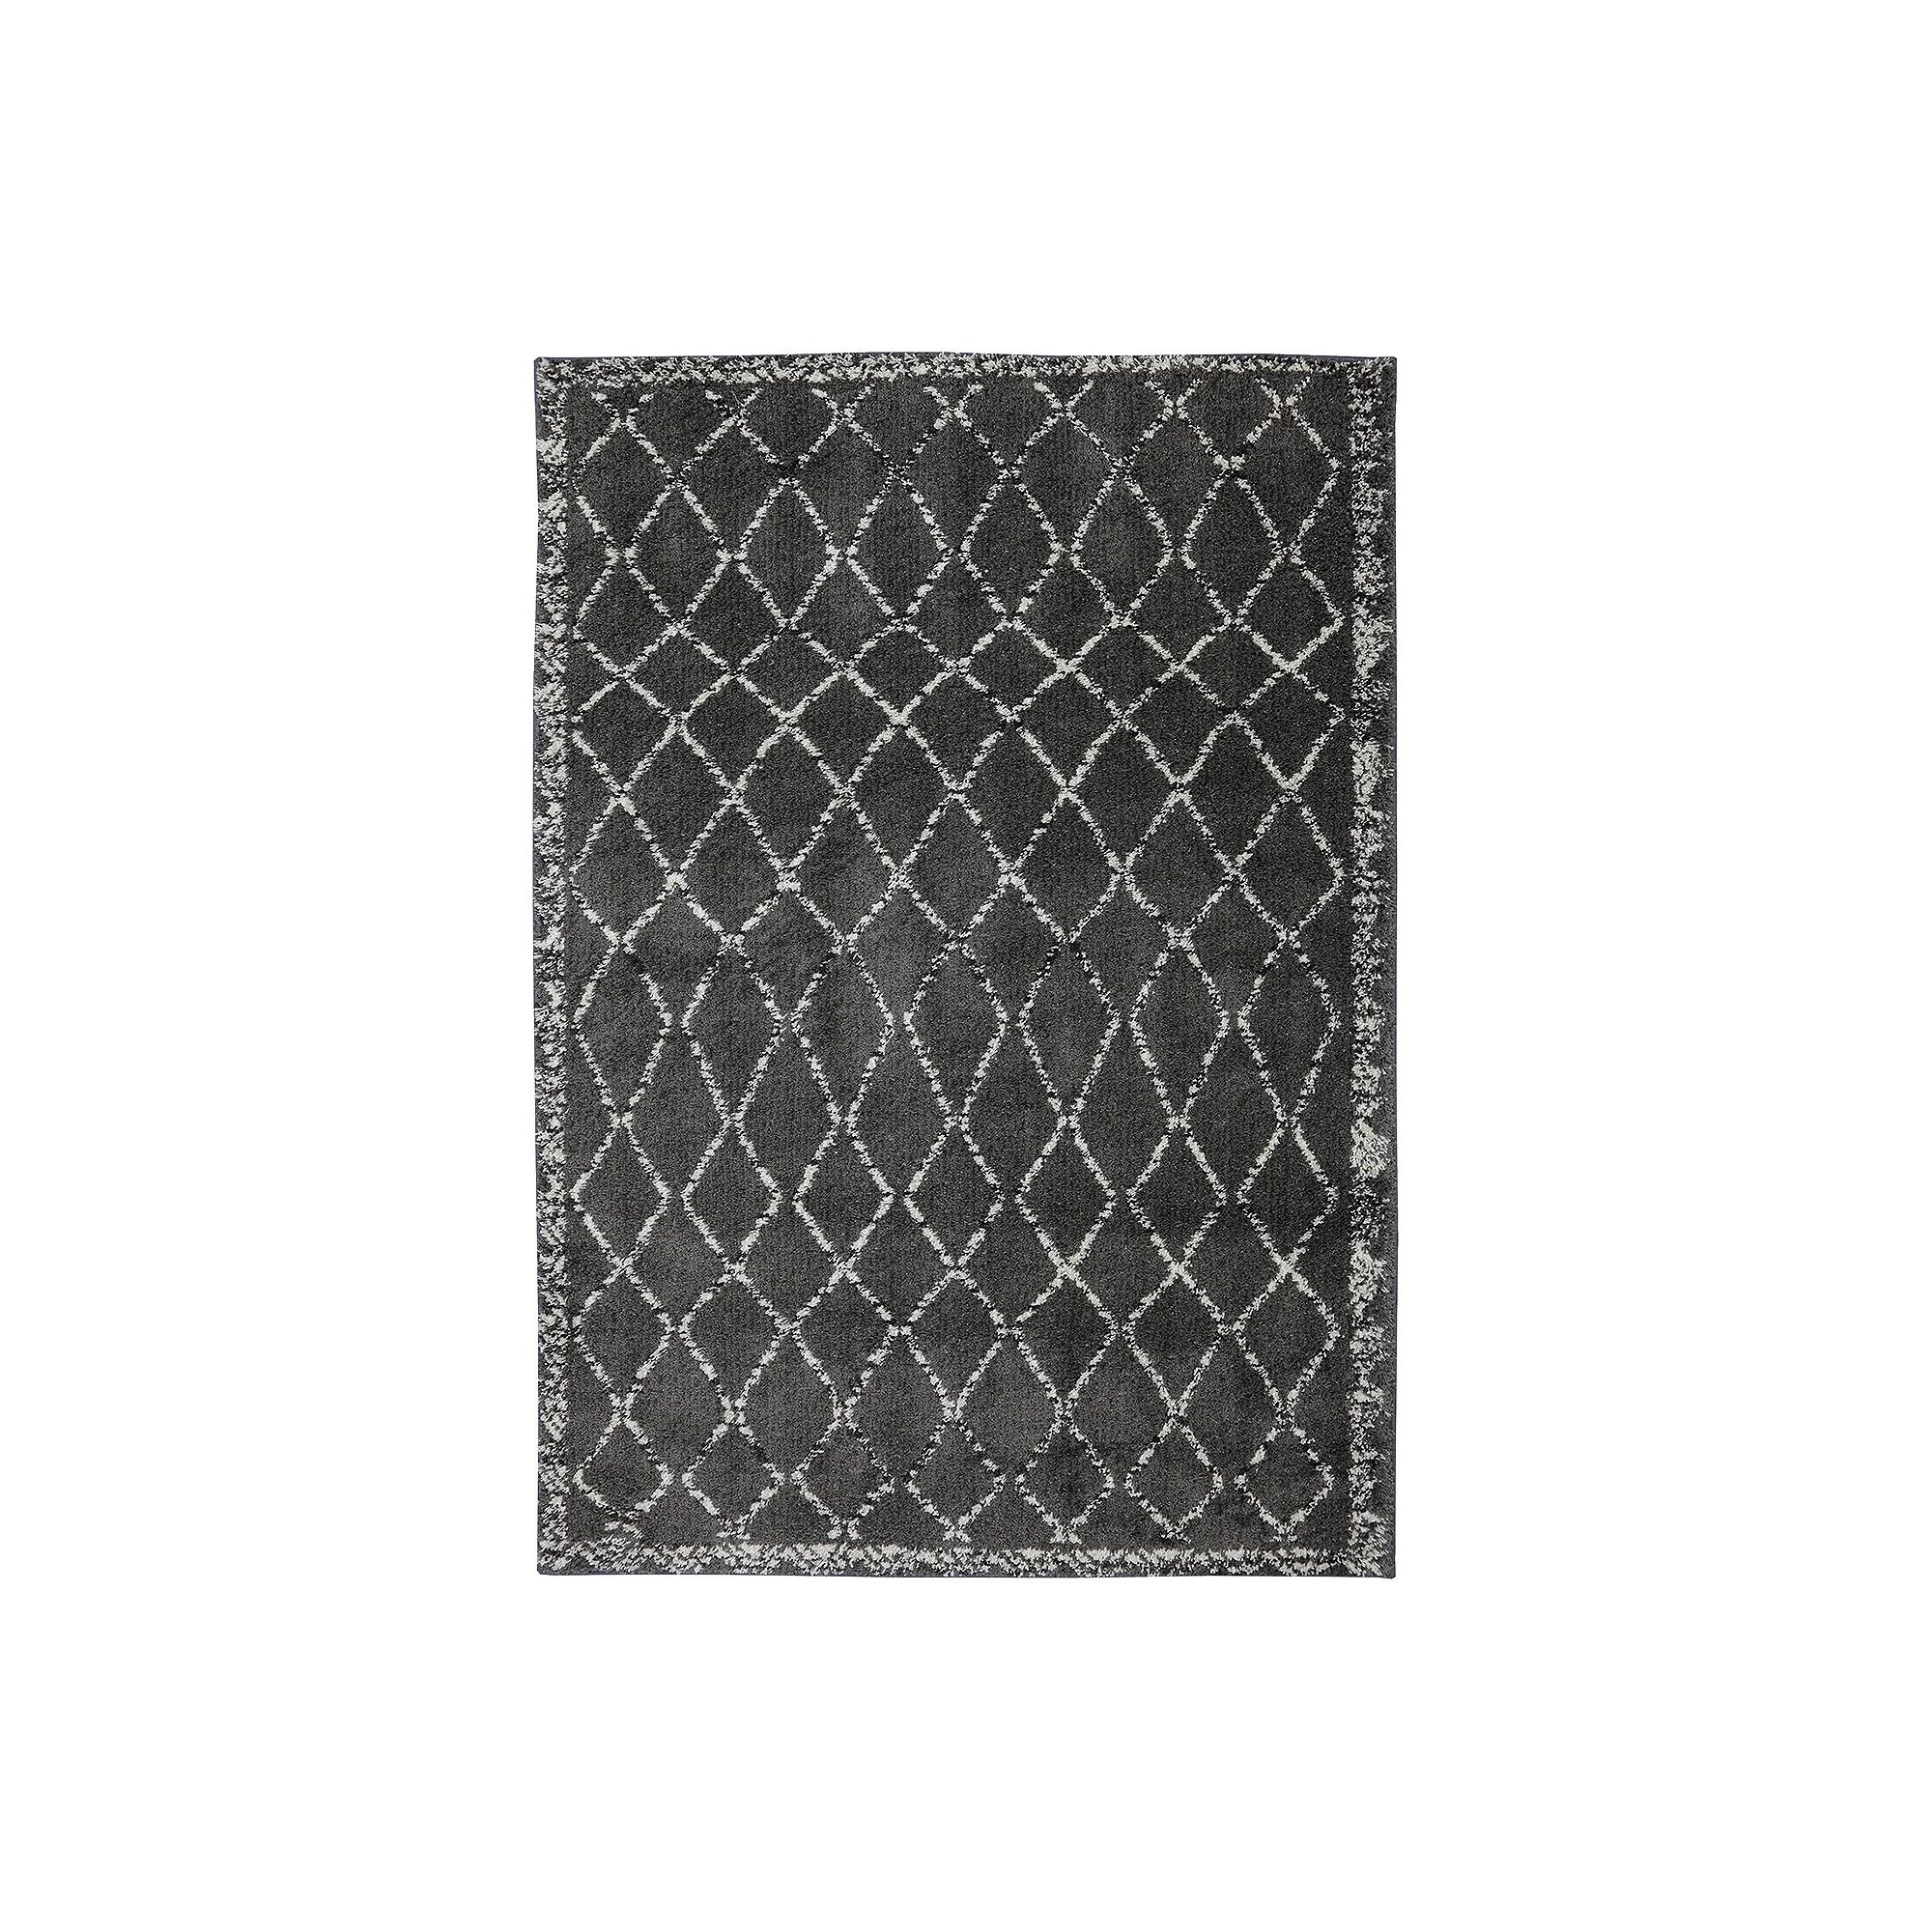 Mohawk fresno shag area rug black uxu mohawks and products